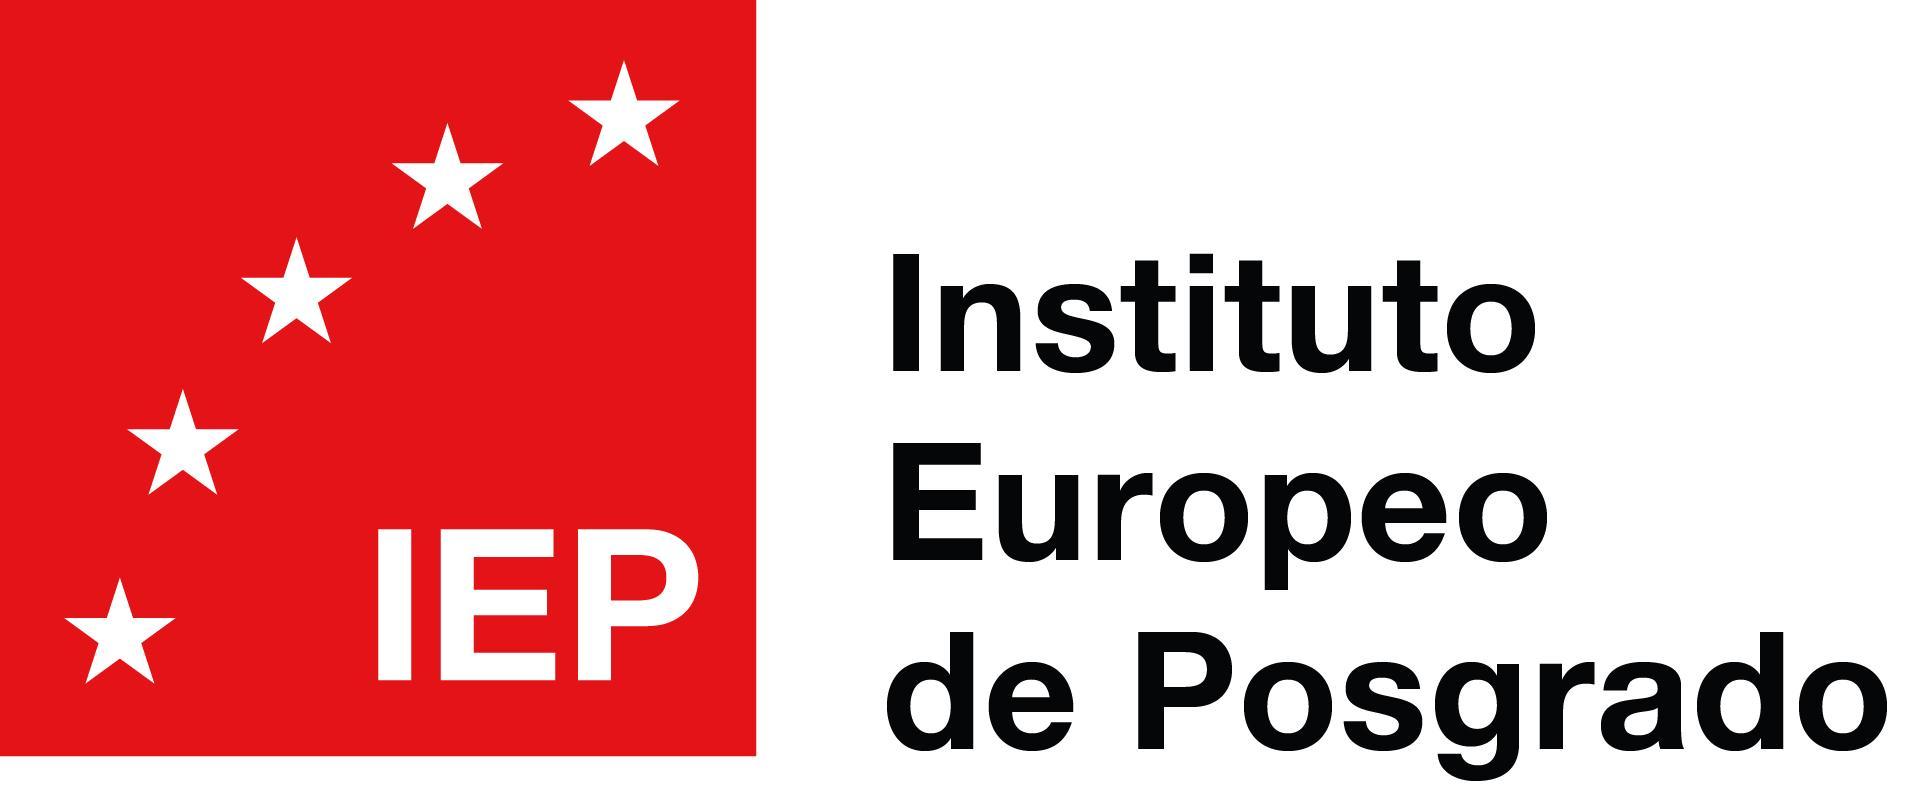 IEP- Instituto Europeo de Posgrado